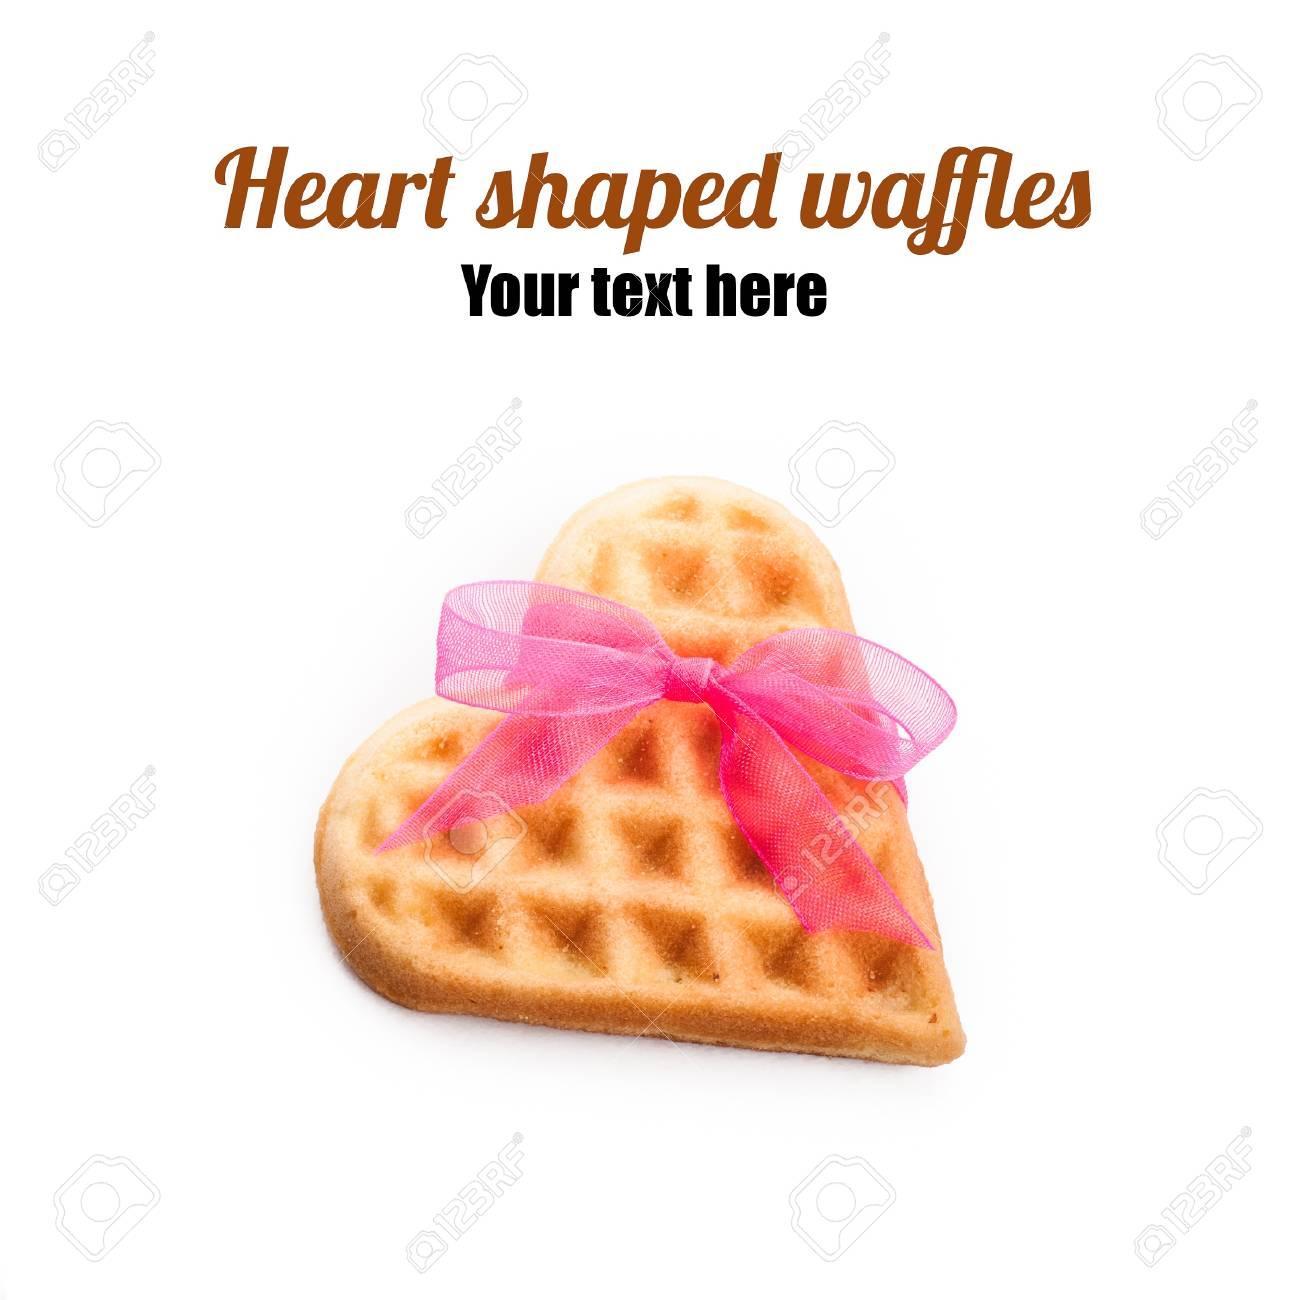 Heart shaped waffle isolated on white background Stock Photo - 17430497